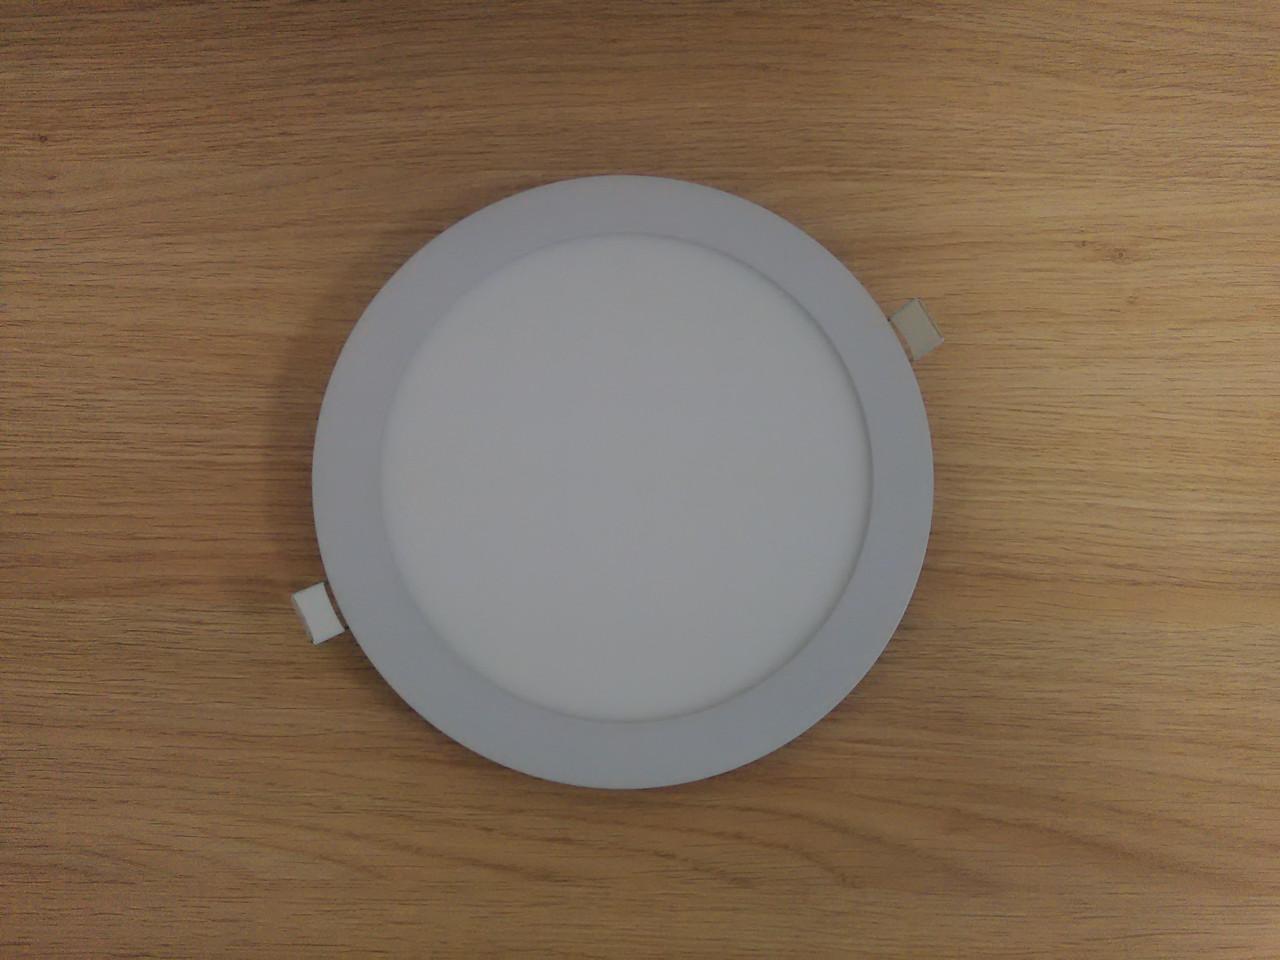 Светильник врезной LED  Downlight  24W  4200K  диаметр 300 мм круглый  алюминиевый корпус